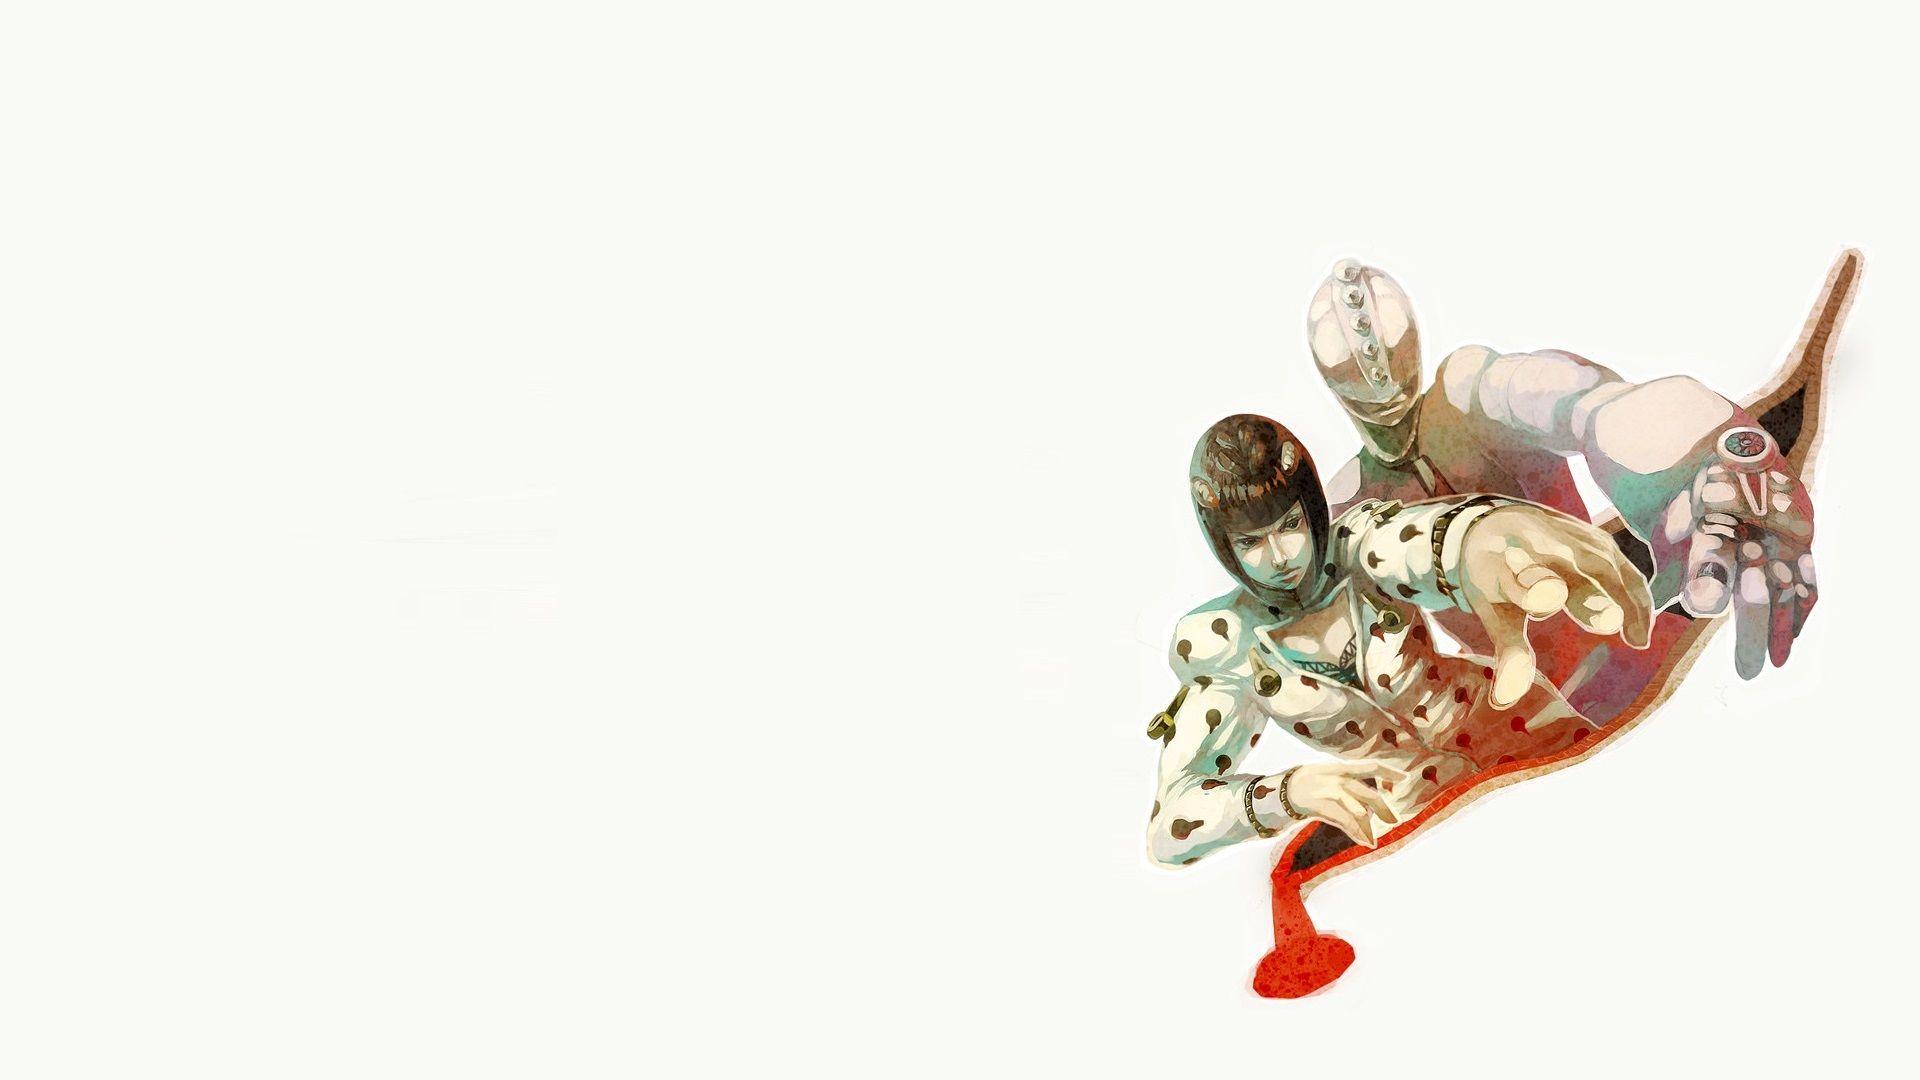 Bruno Buccellati / Sticky Fingers / JoJo / Vento Aureo